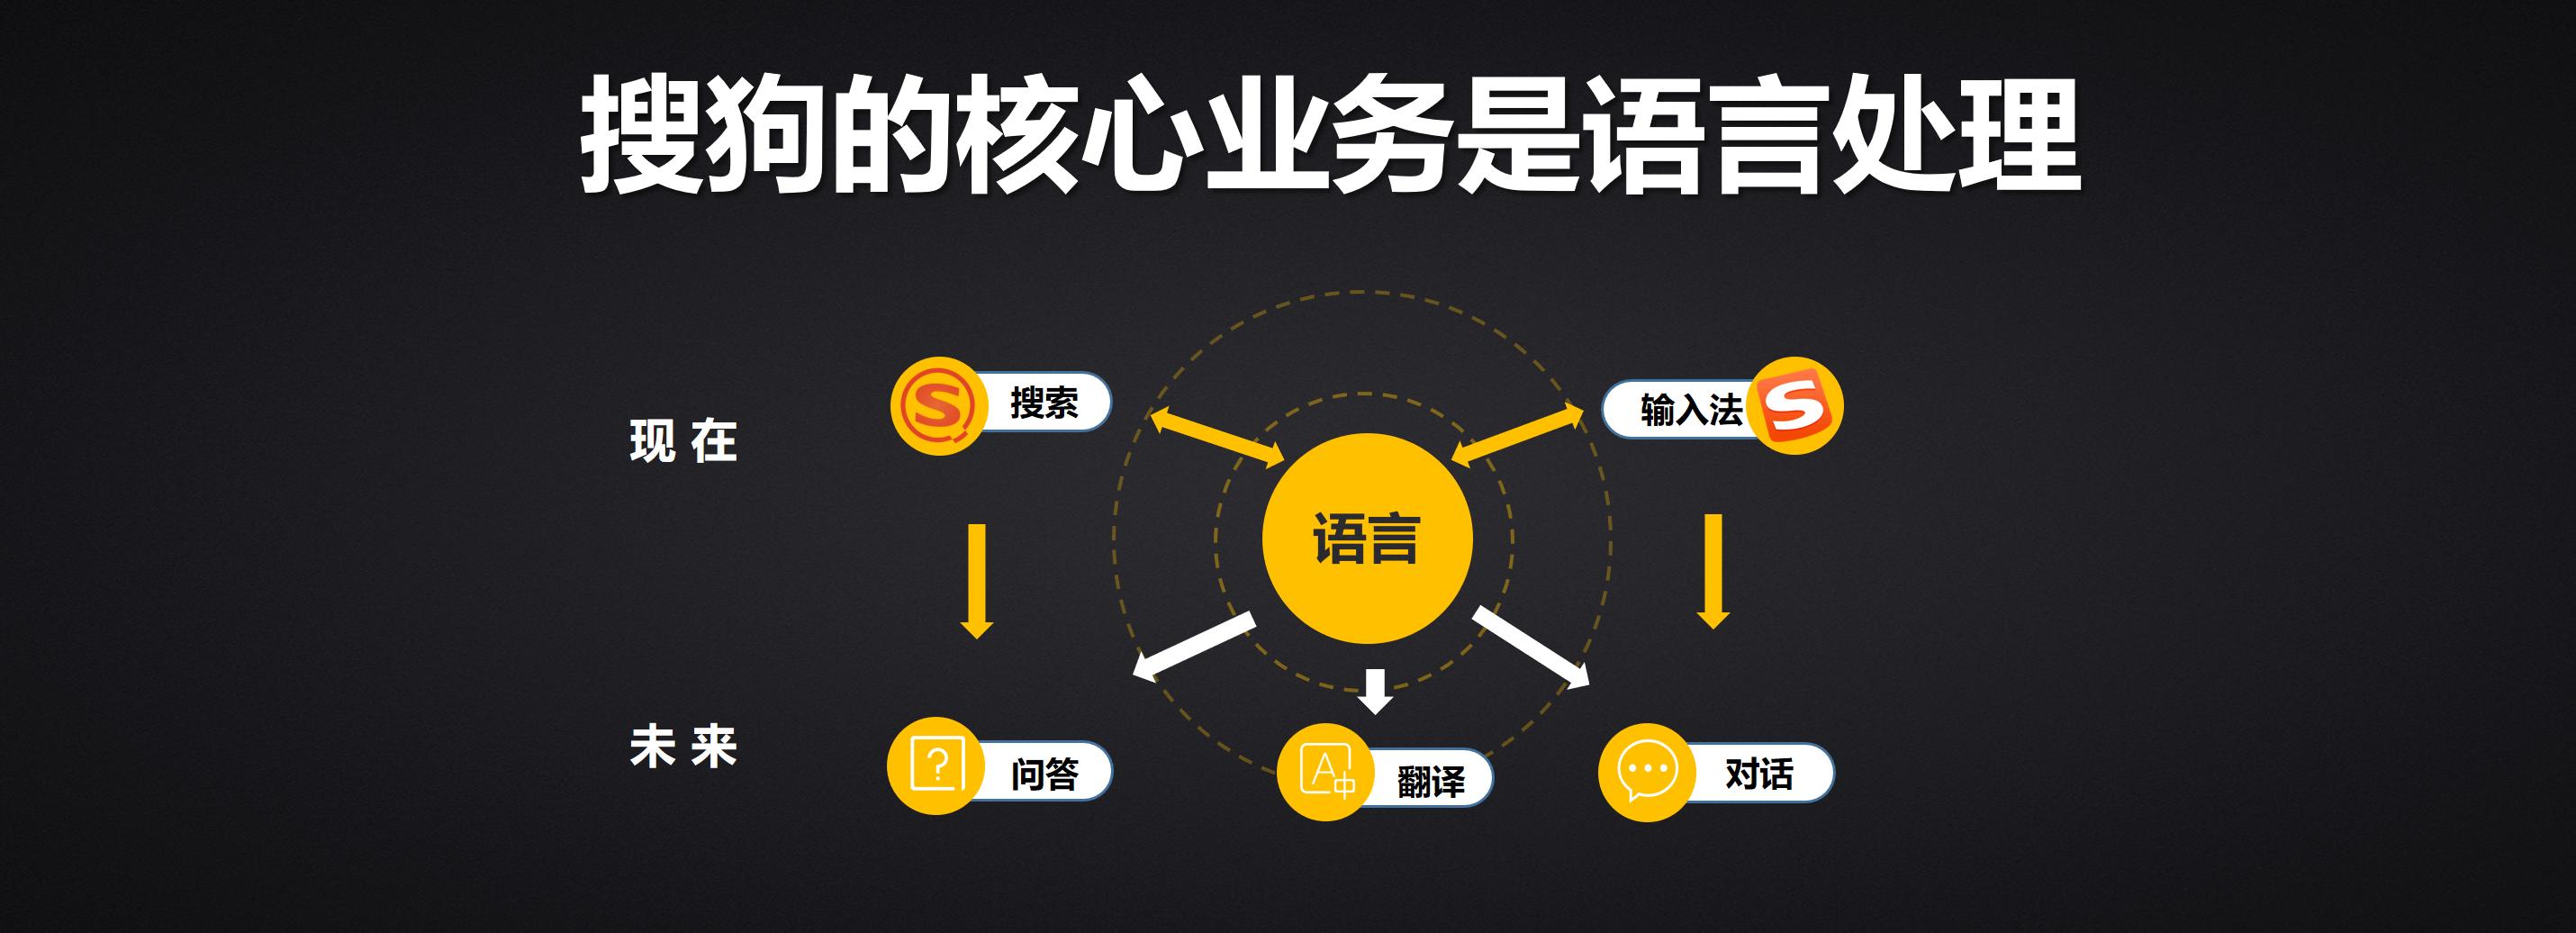 王小川GMIS大会演讲:人工智能的意义是什么? 人工智能 第5张